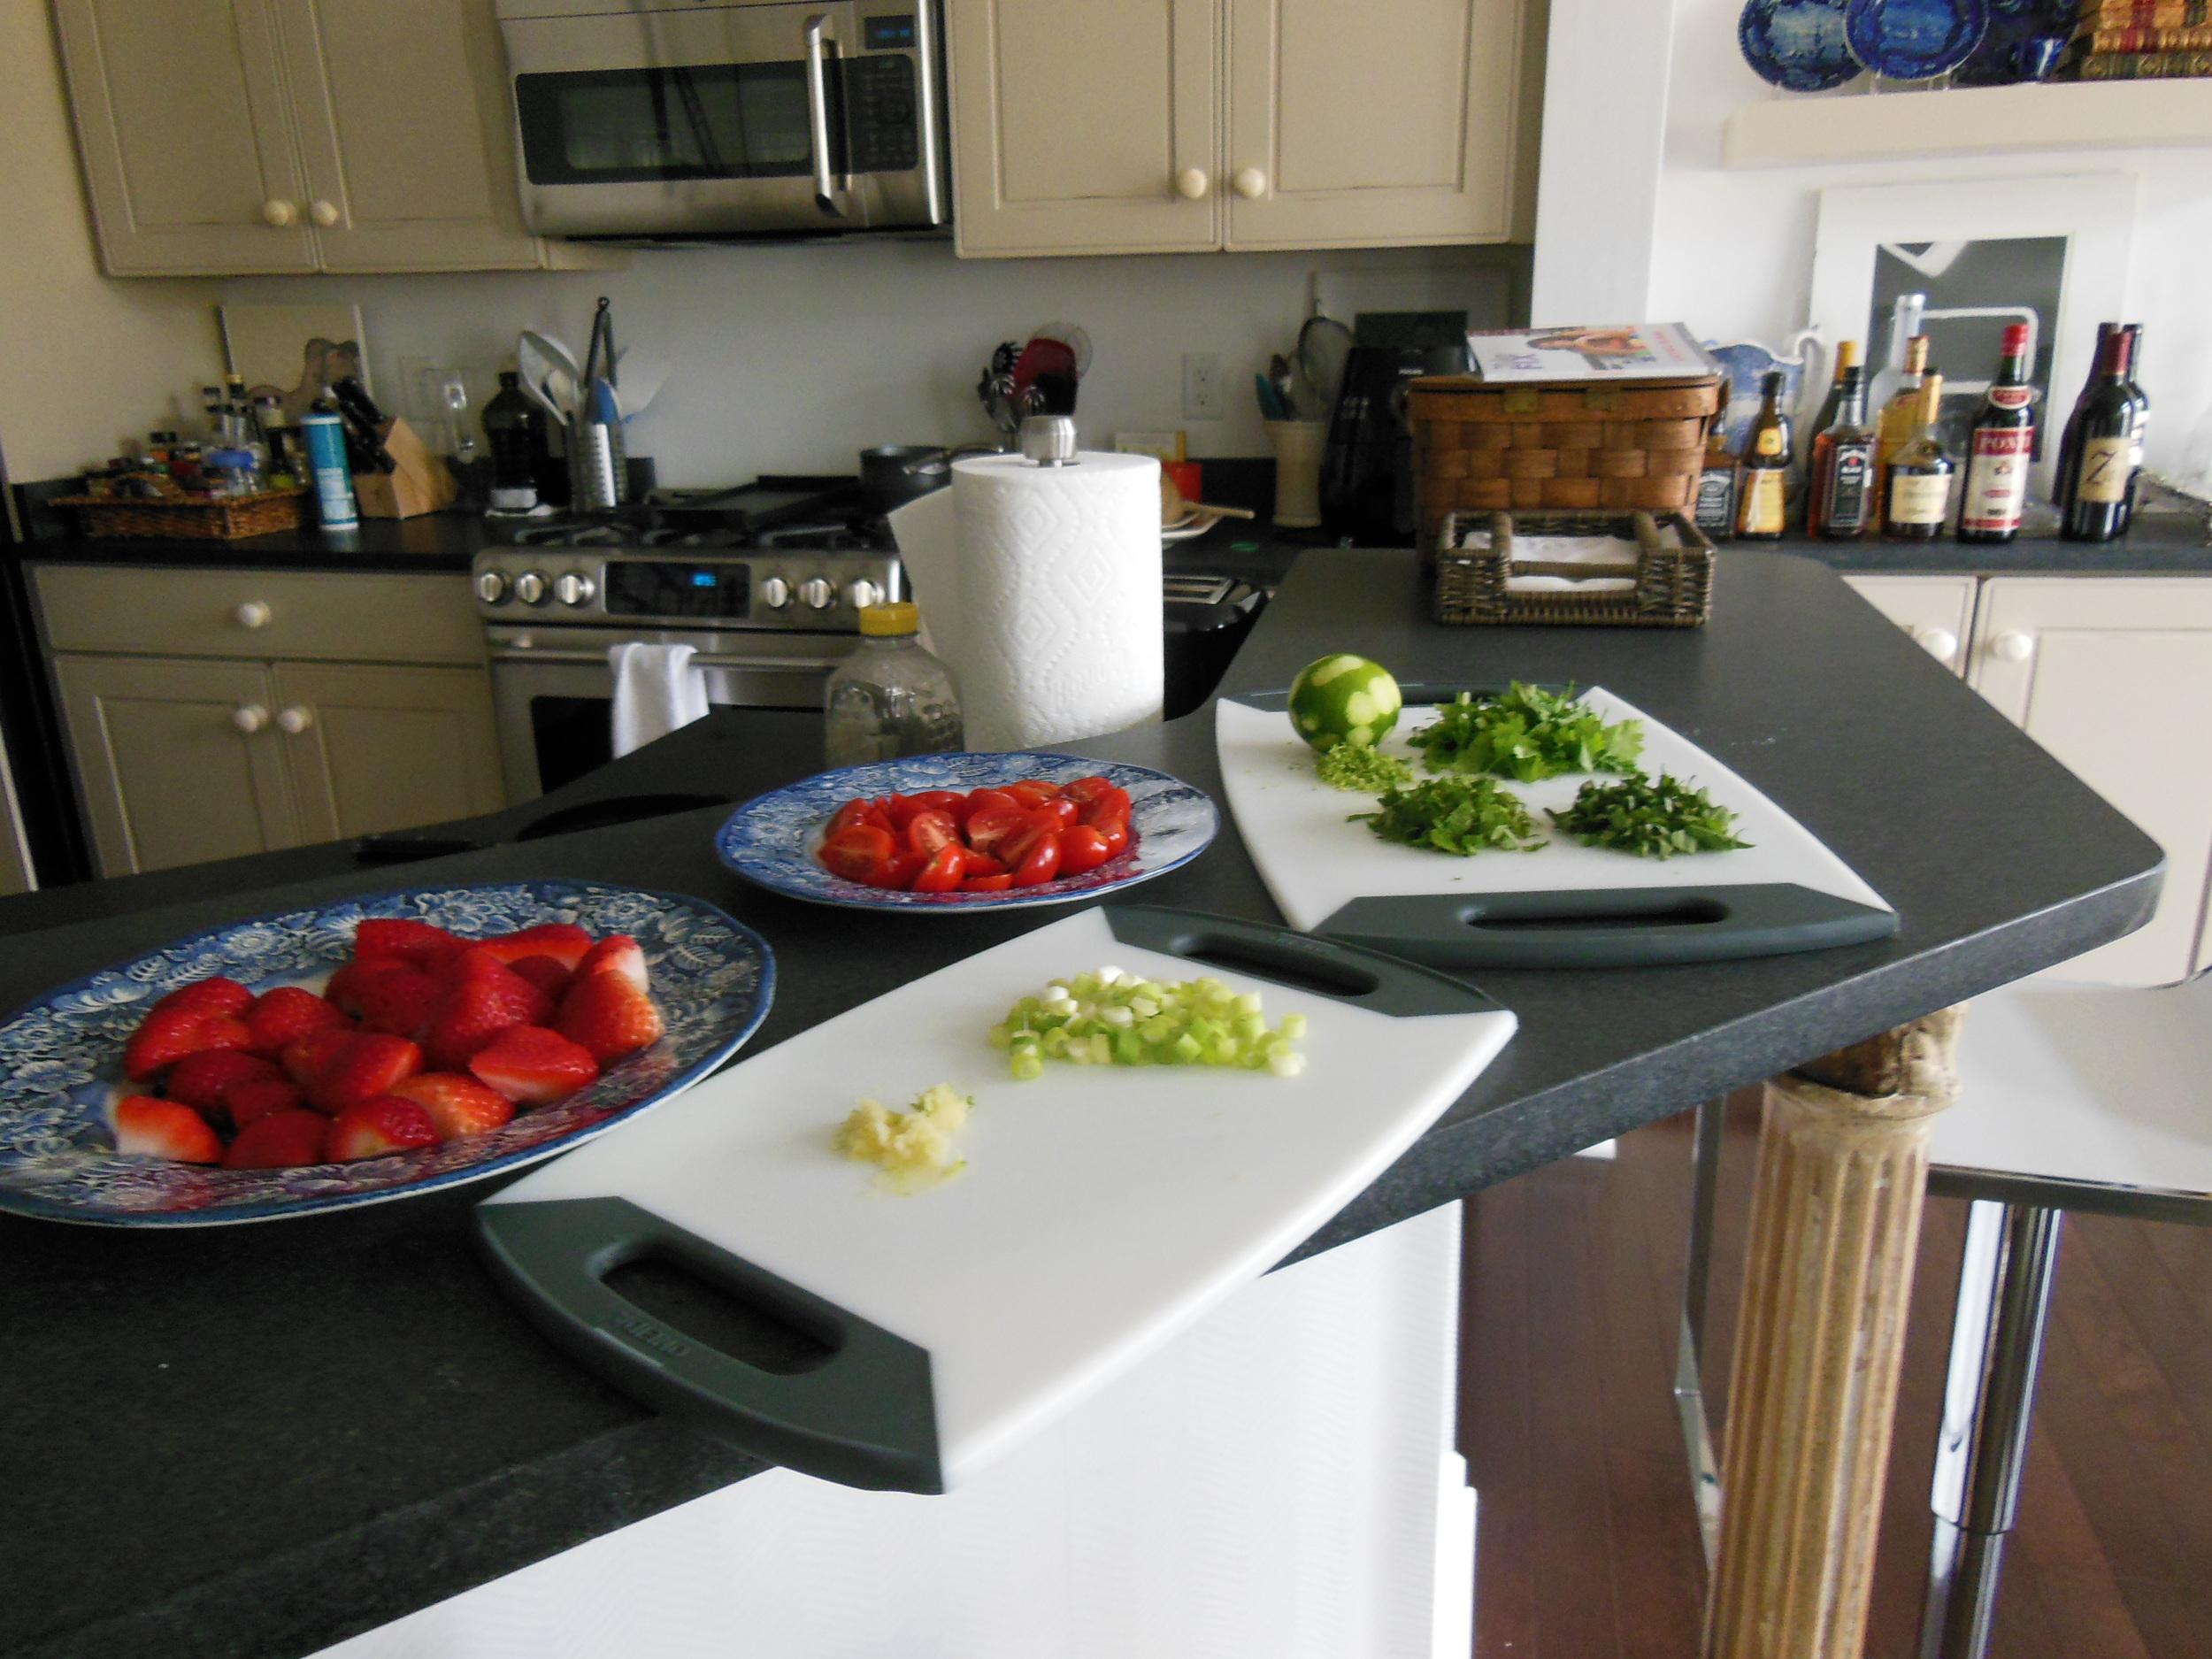 My kitchen.